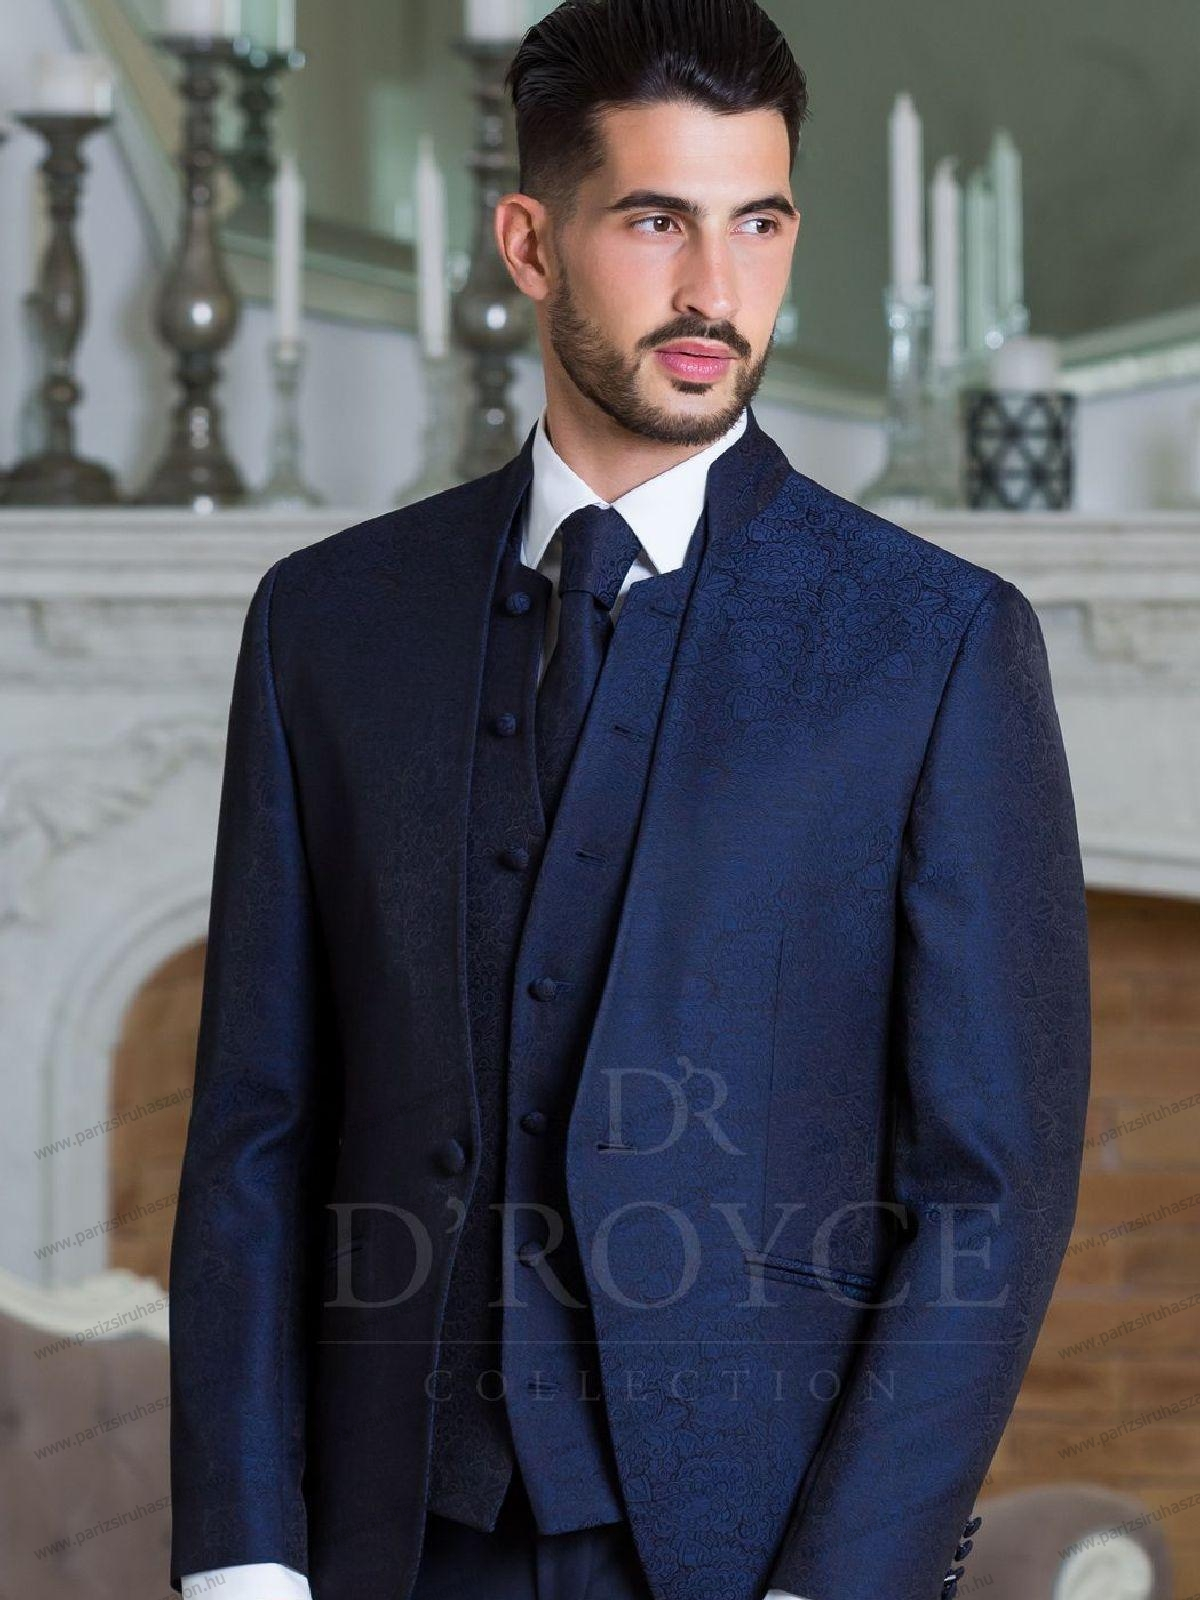 4c57a13b3f Vőlegény öltöny WE17 | Esküvői, alkalmi, vőlegény öltöny, kiegészítő.  (cikkszám: Vőlegény öltöny WE17)